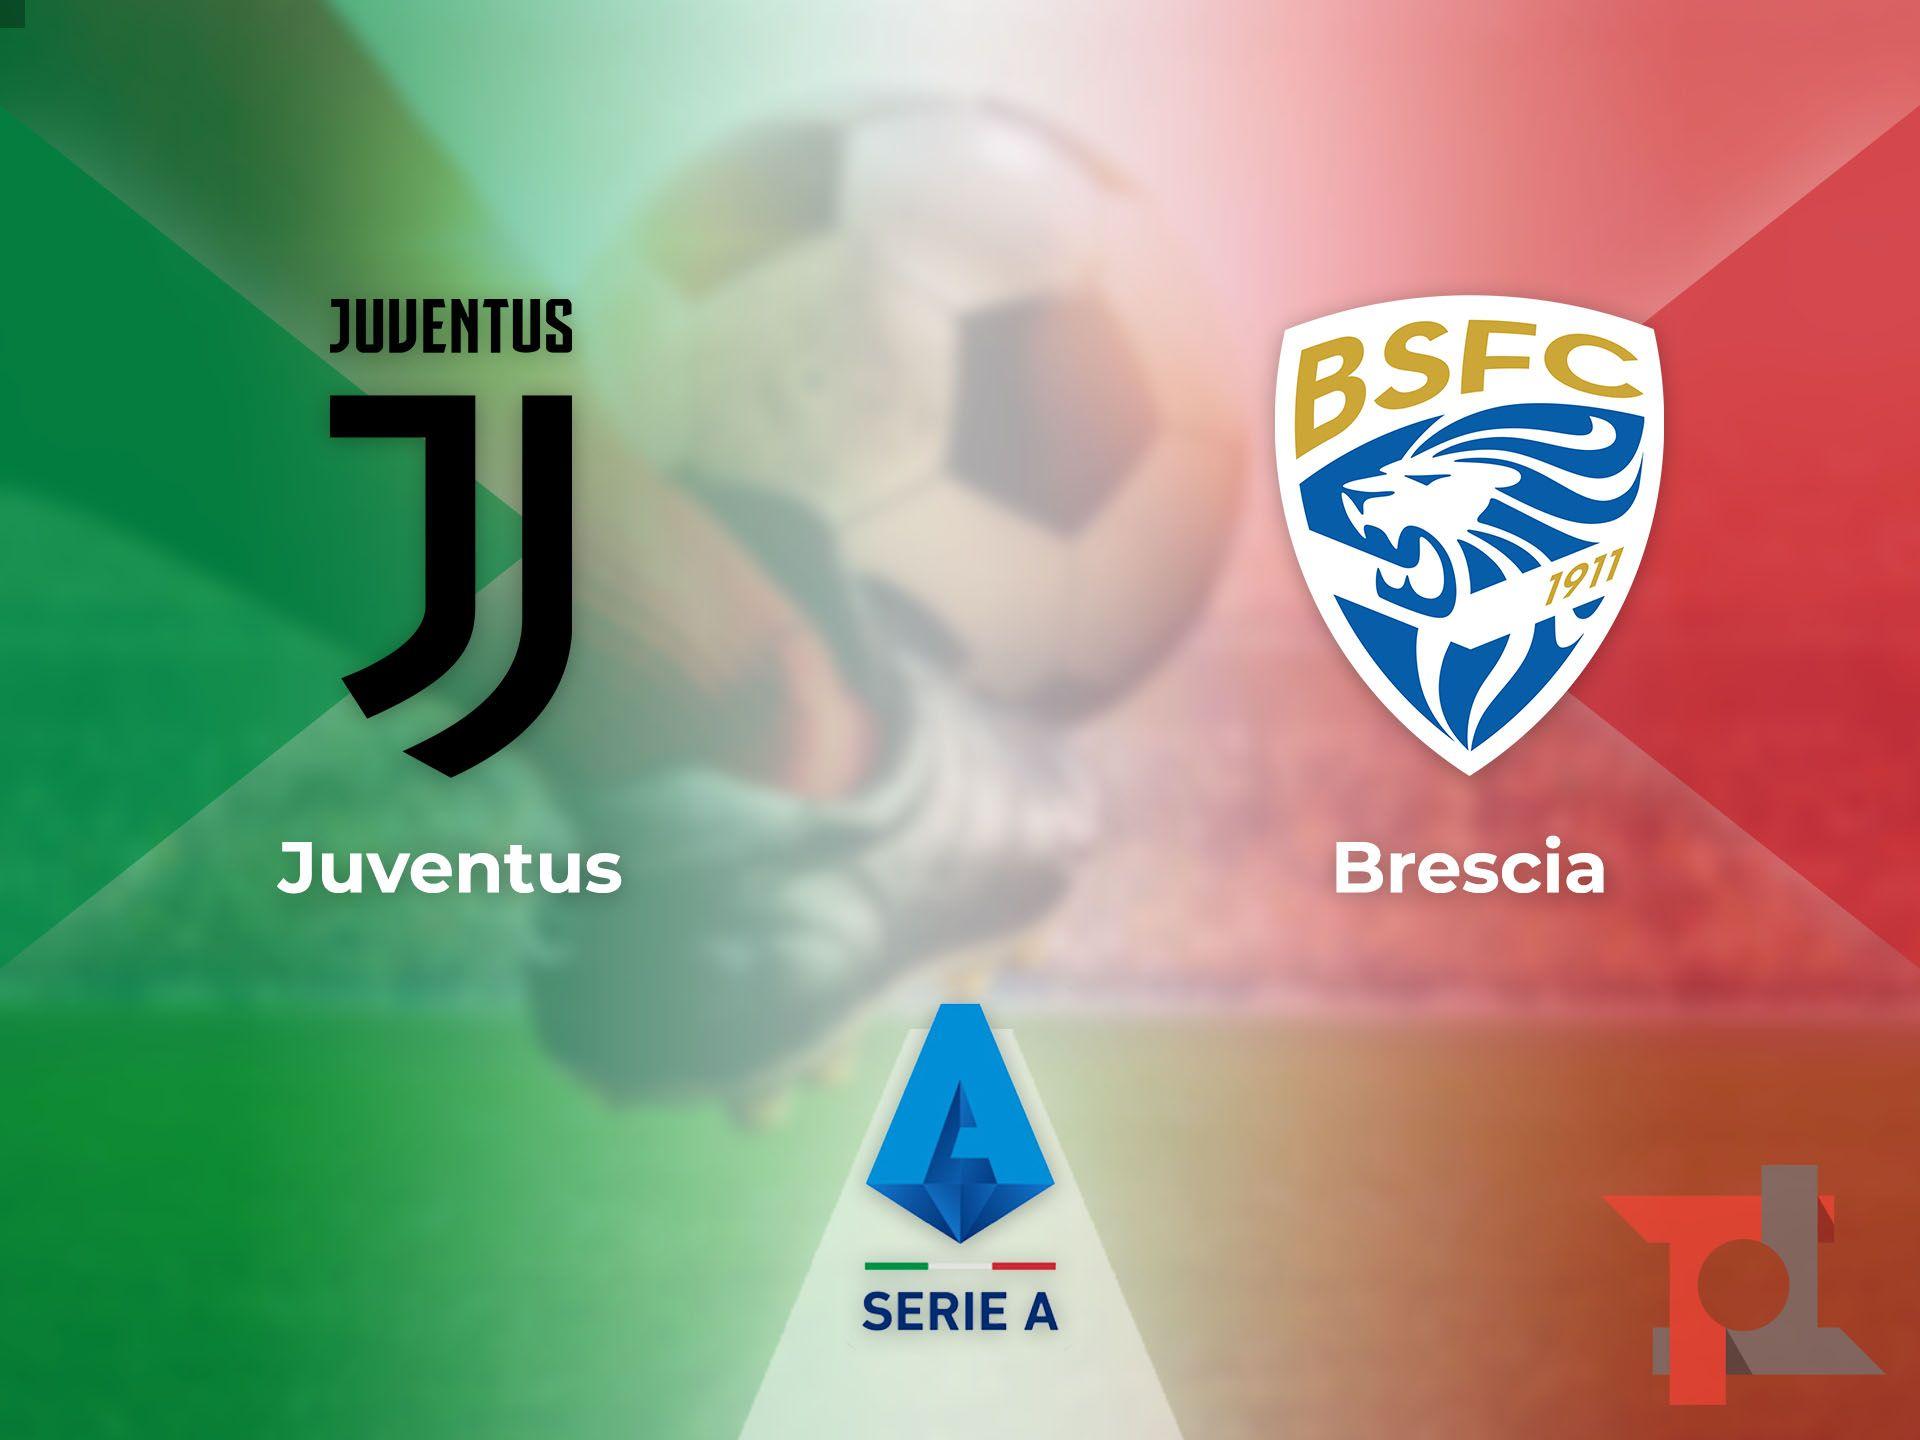 Juventus - Brescia Domenica 16 febbraio ore 15.00, Allianz Stadium